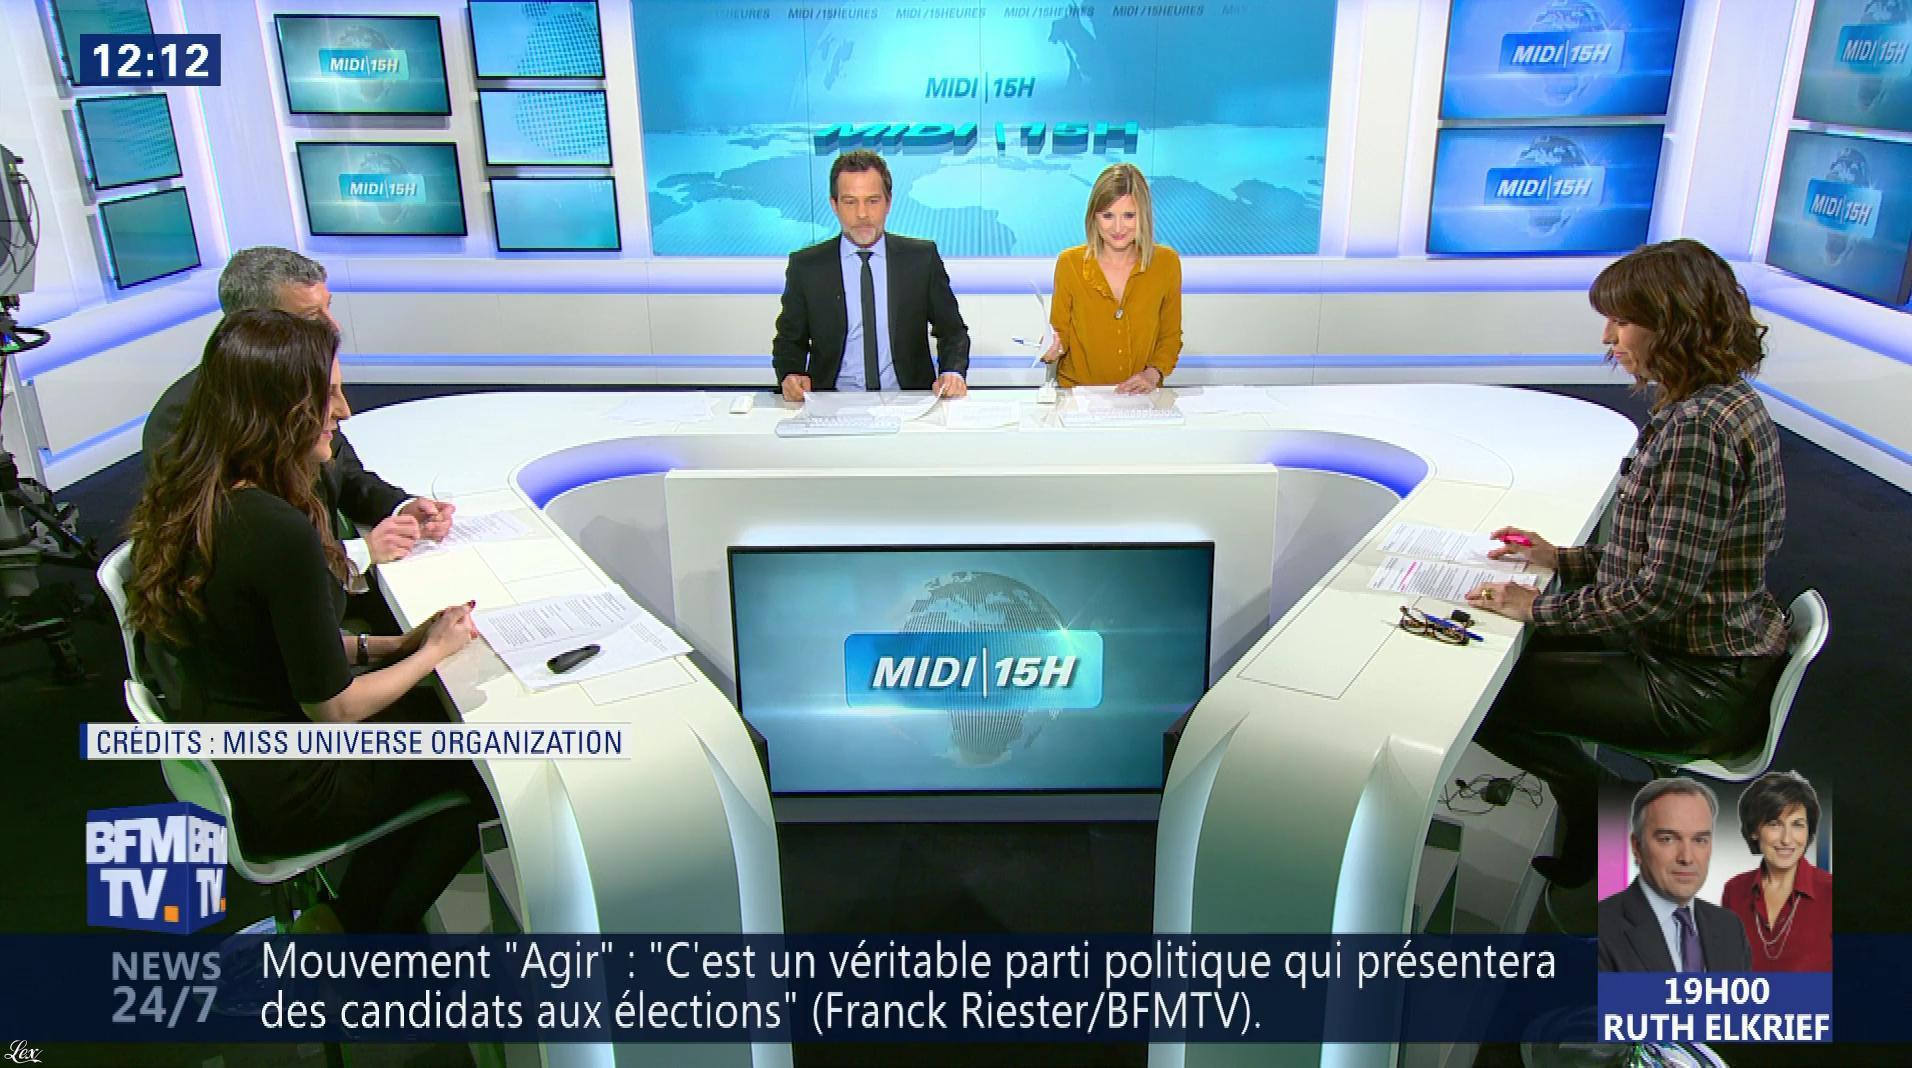 Candice Mahout dans le Midi-15h. Diffusé à la télévision le 27/11/17.